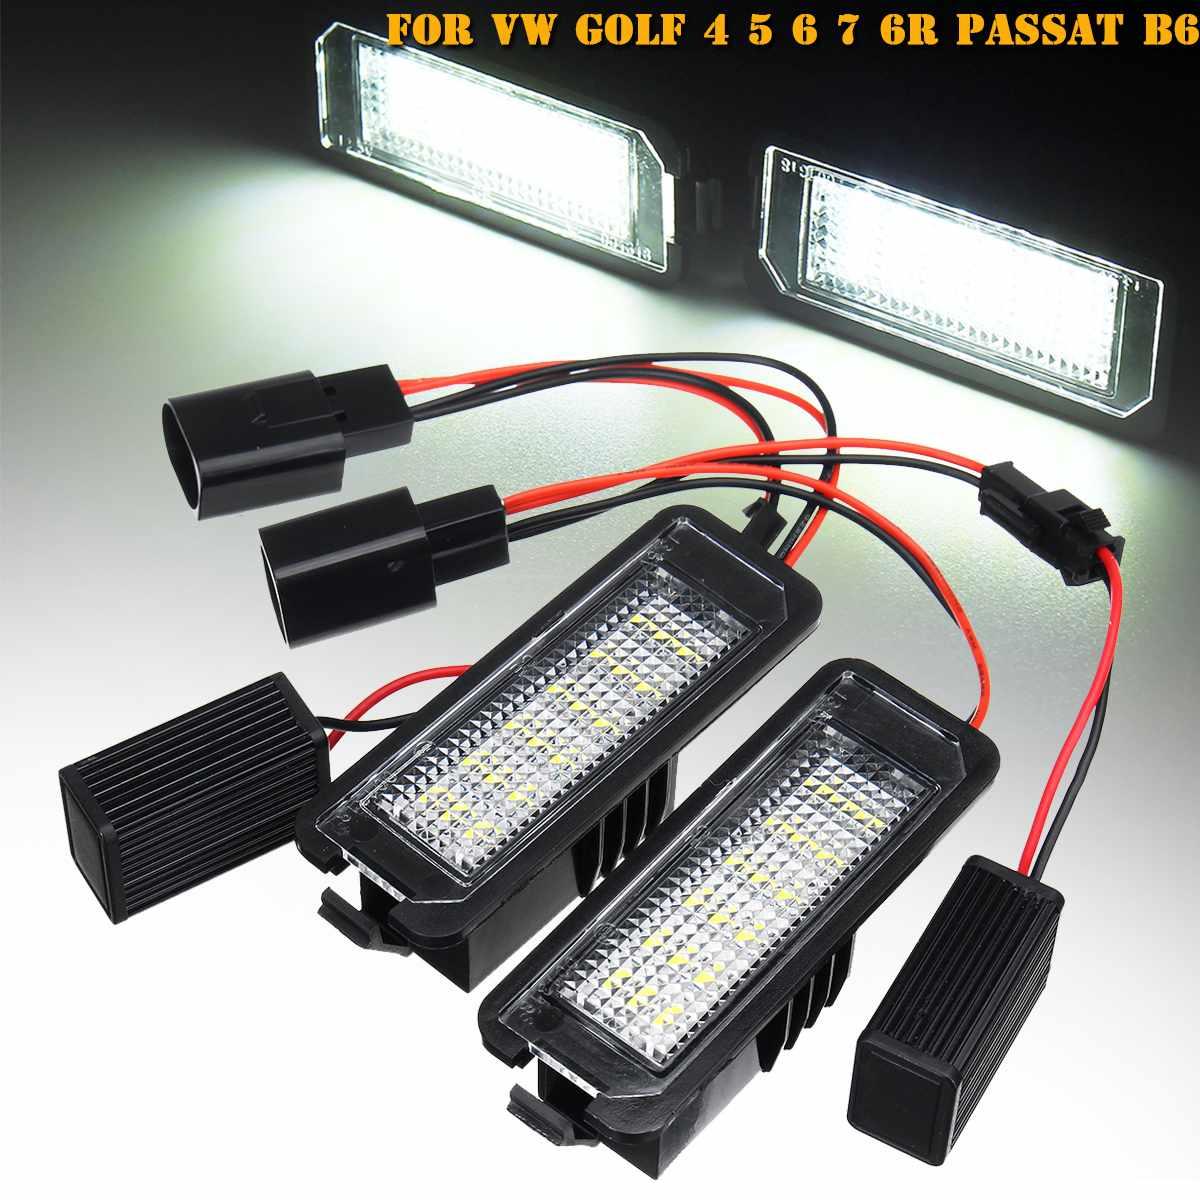 2 uds. Lámpara de luz 18 LED para placa de matrícula sin Error para VW GOLF 4 5 6 7 Polo 6R Scirocco Polo Lupo, Passat EOS Ibiza Leon2 3